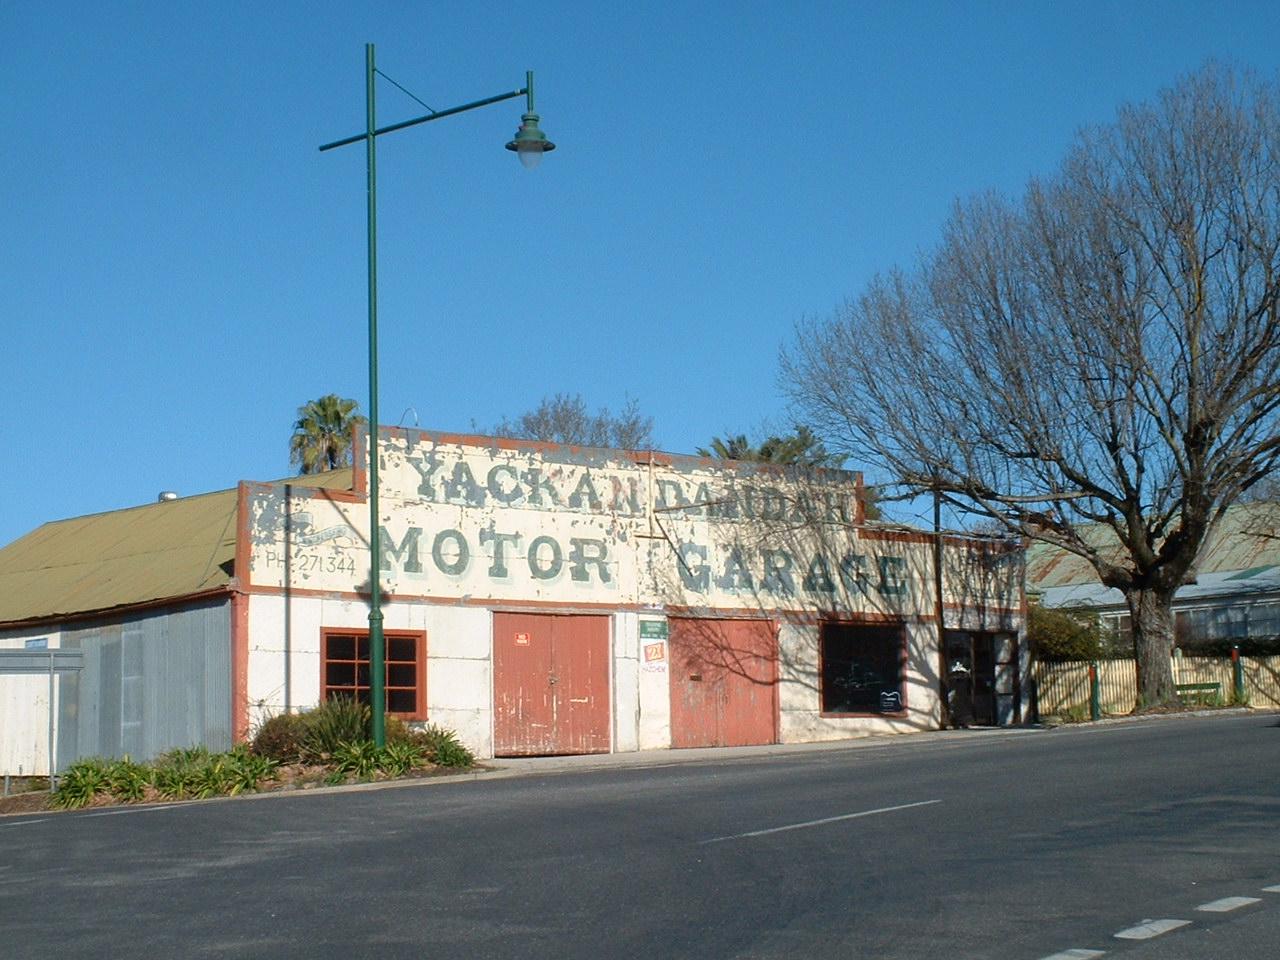 Joanna Baker Yackandandah Motor Garage